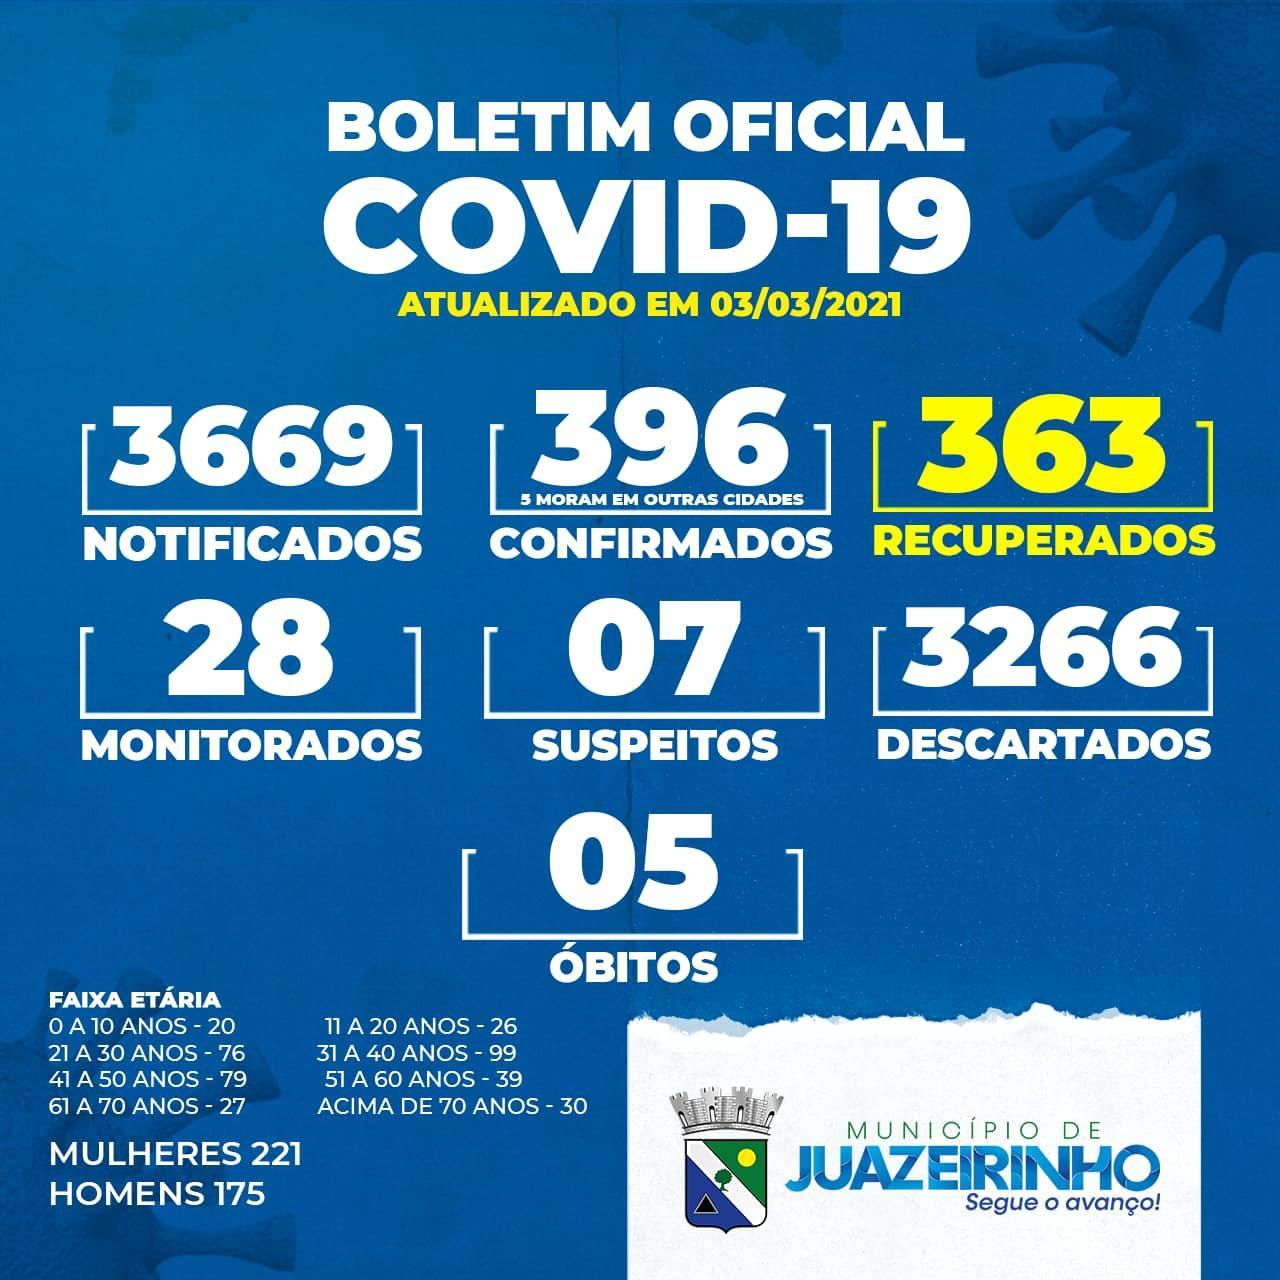 Atualização Oficial COVID-19